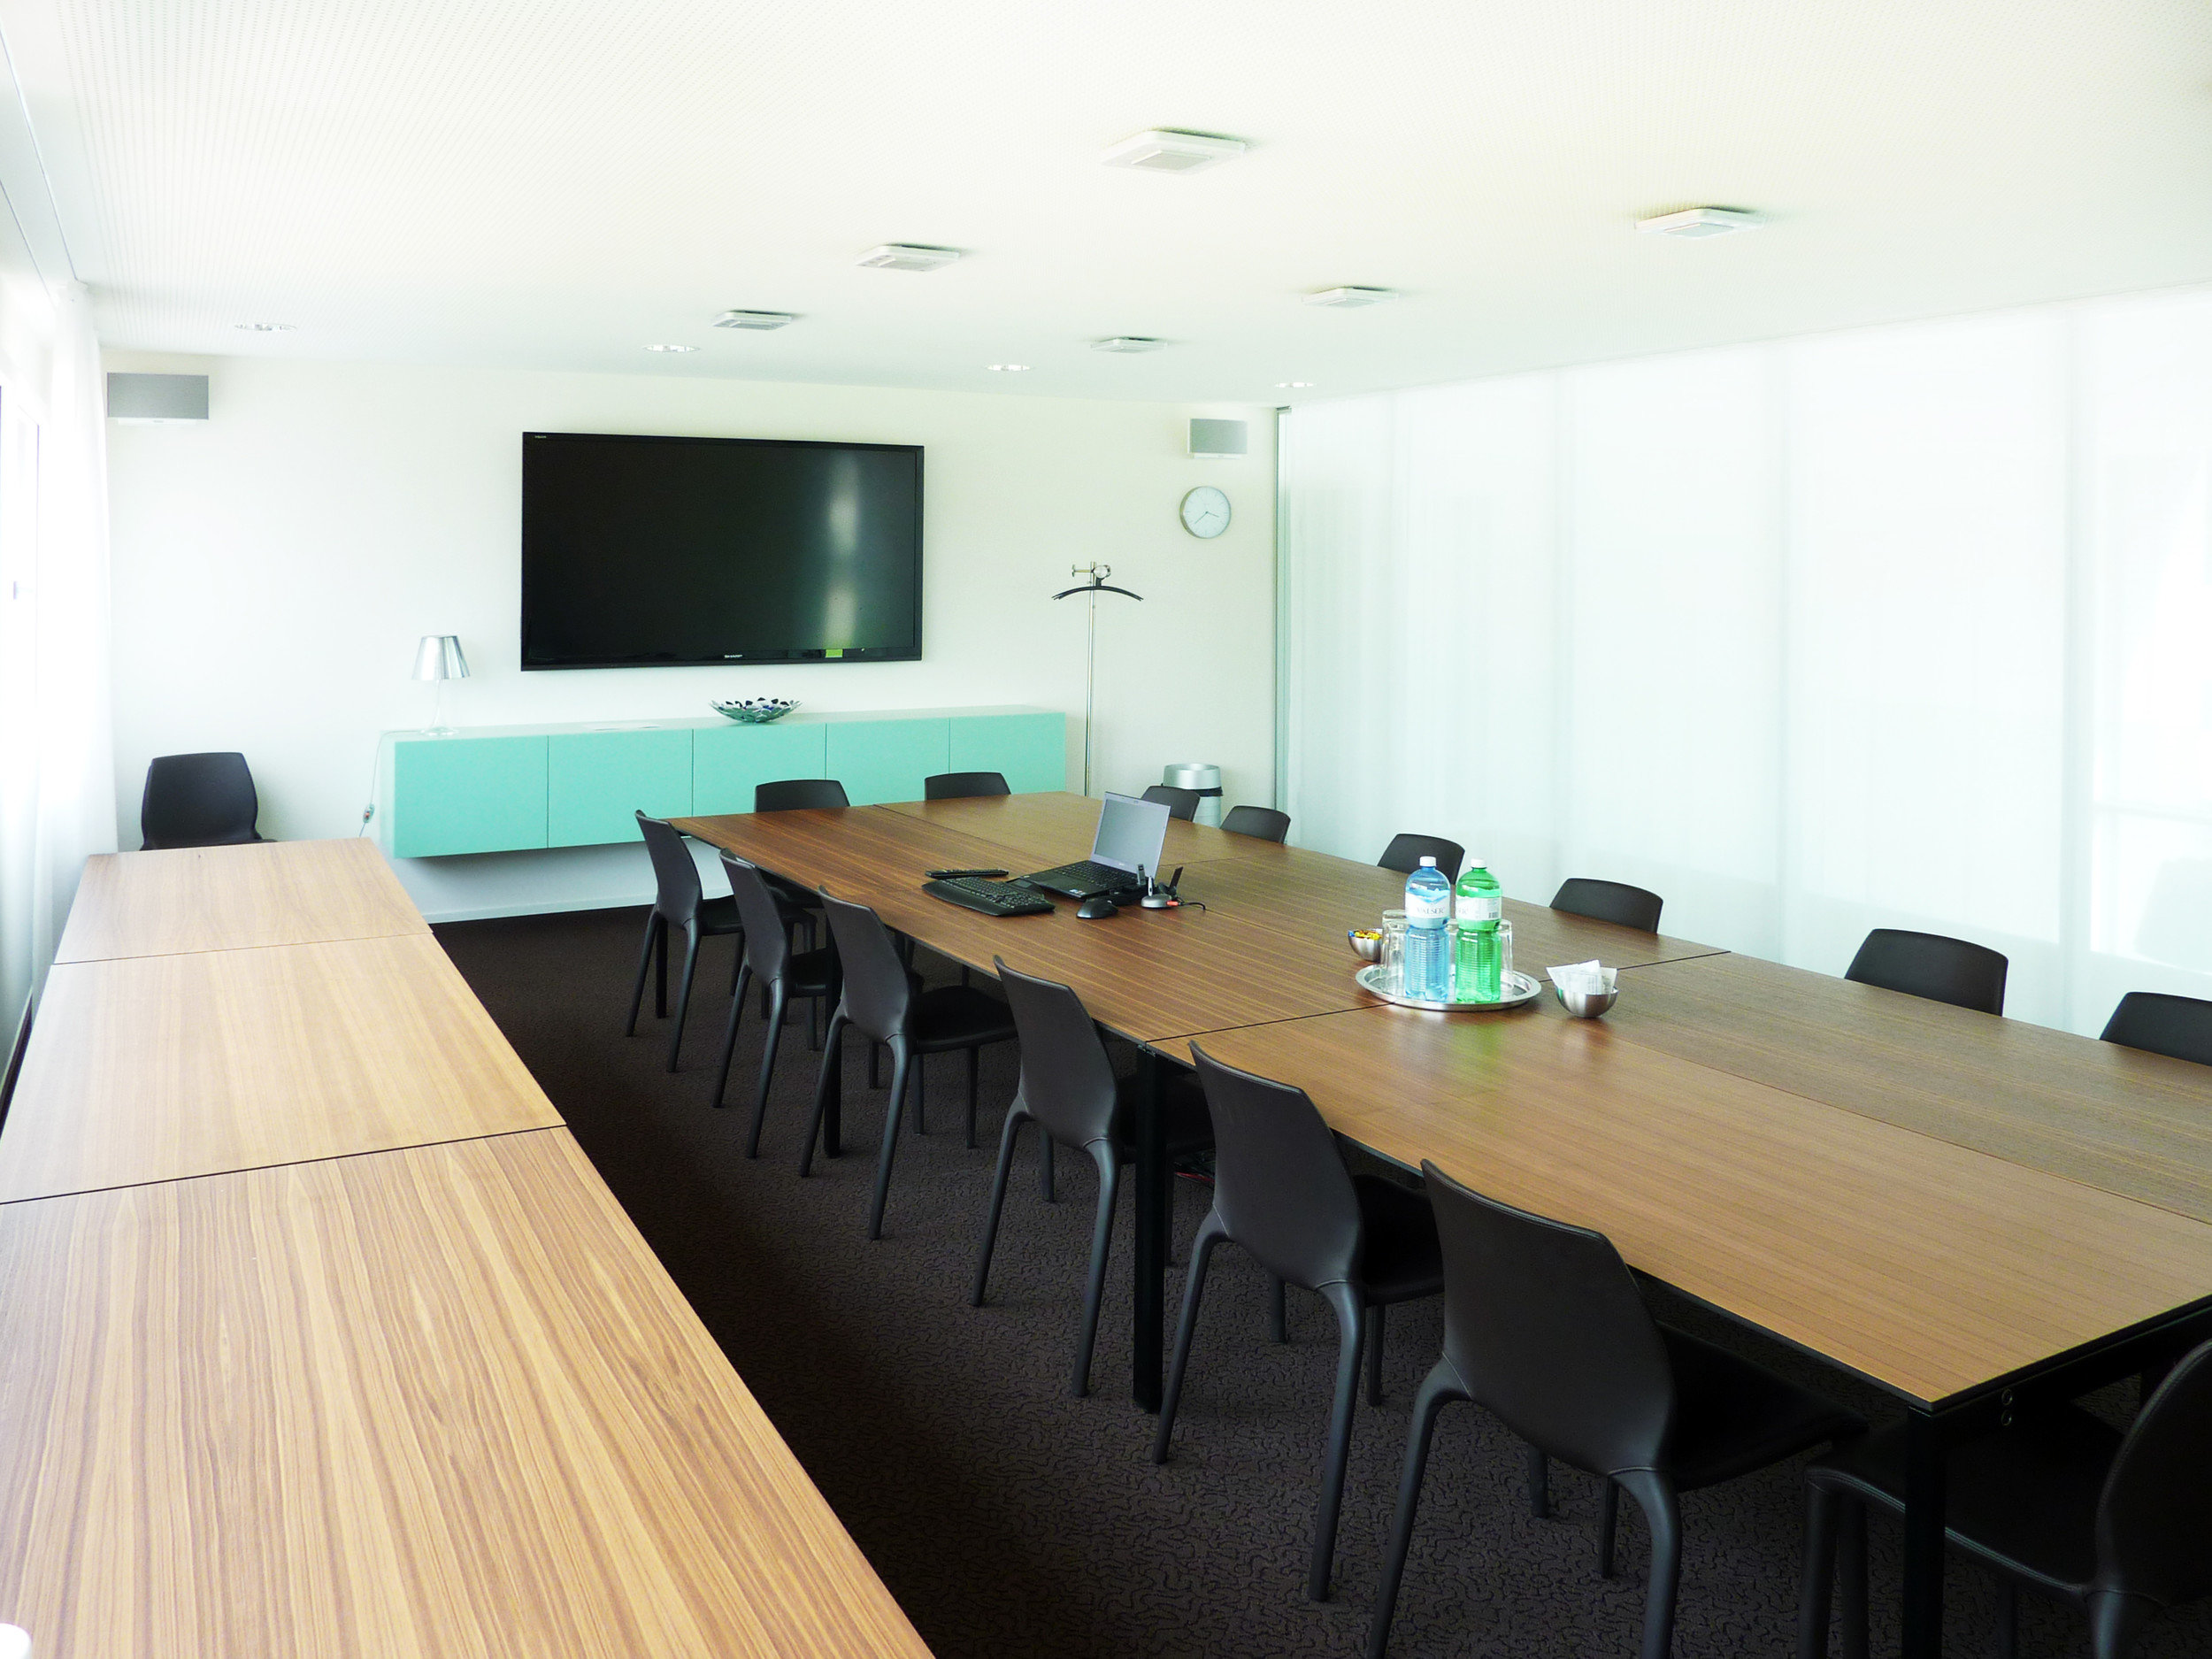 Grosses Besprechungszimmer in hellem und modernem Design